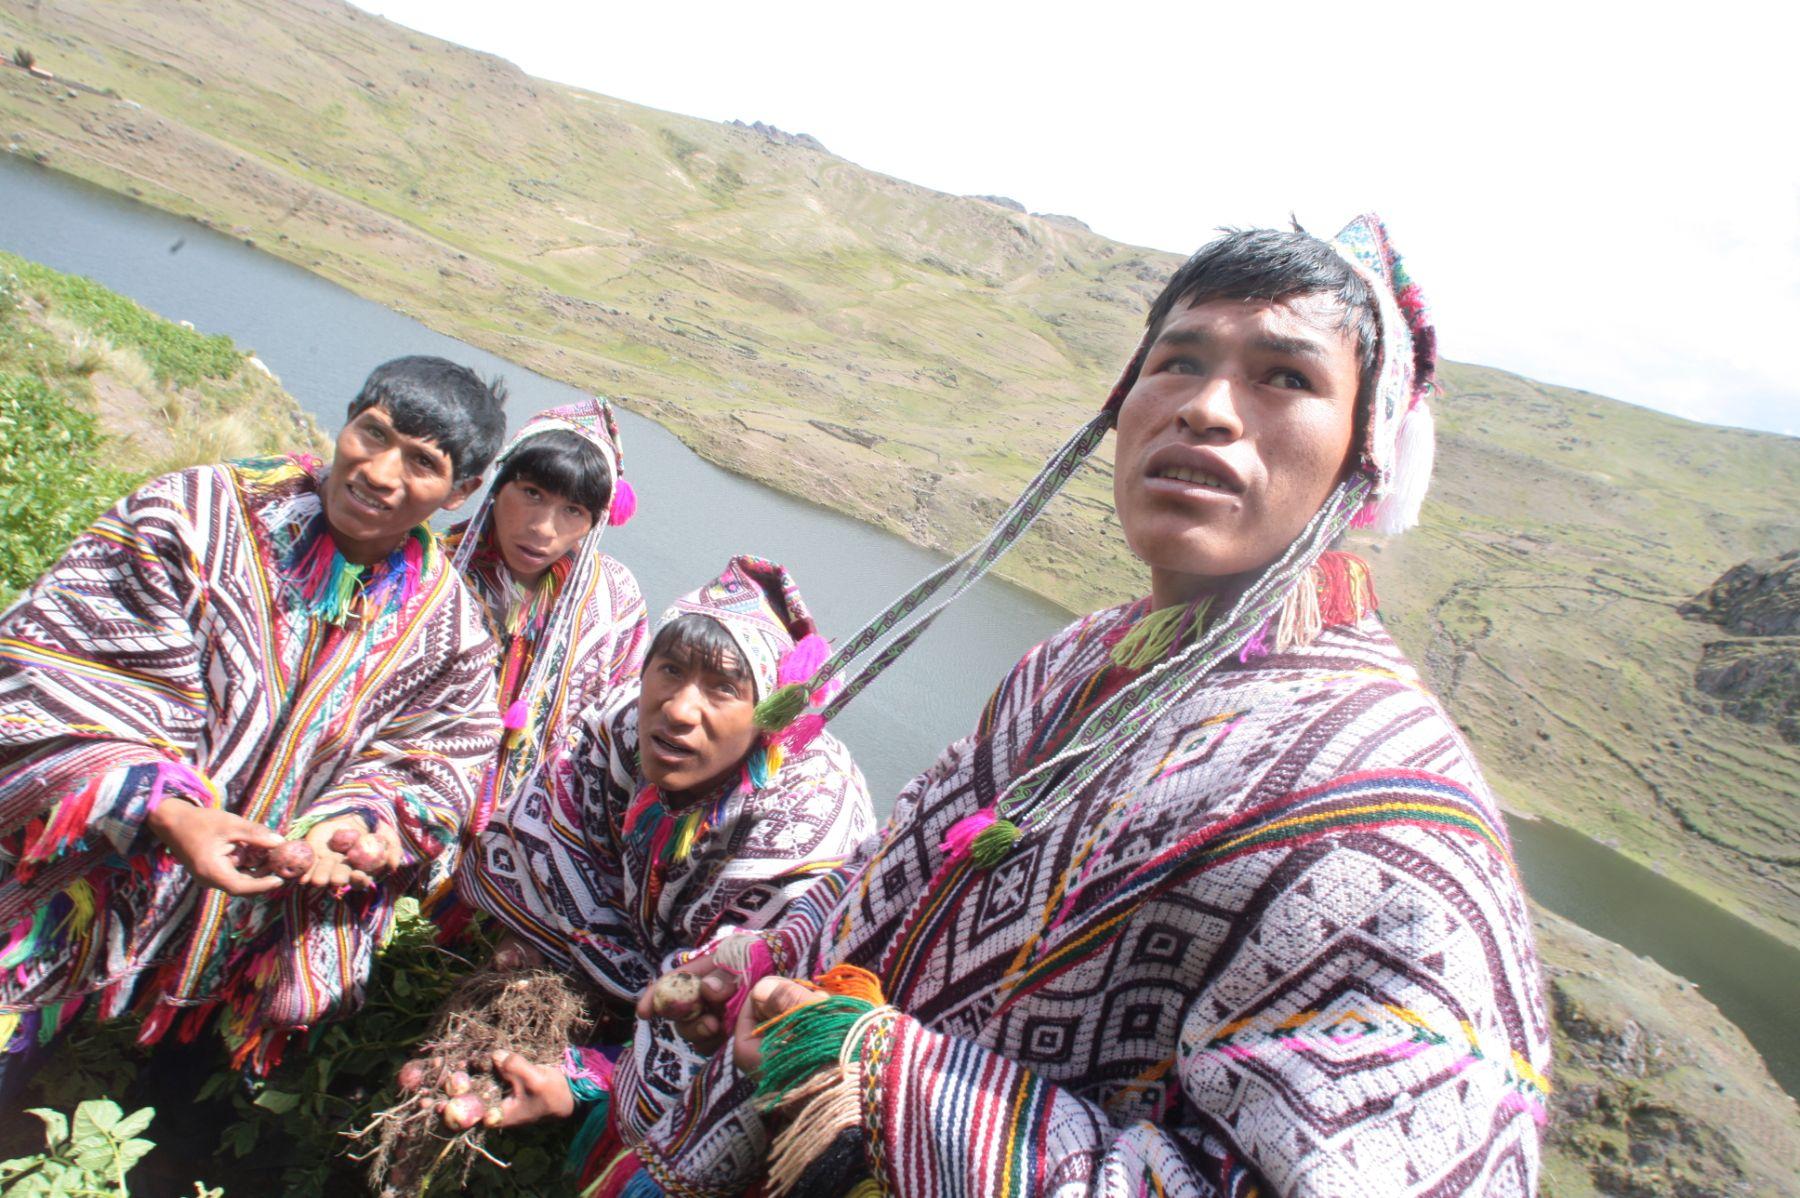 Delegación indígena de Cusco participará de Encuentro con Papa Francisco en Puerto Maldonado. ANDINA/Carlos Lezama